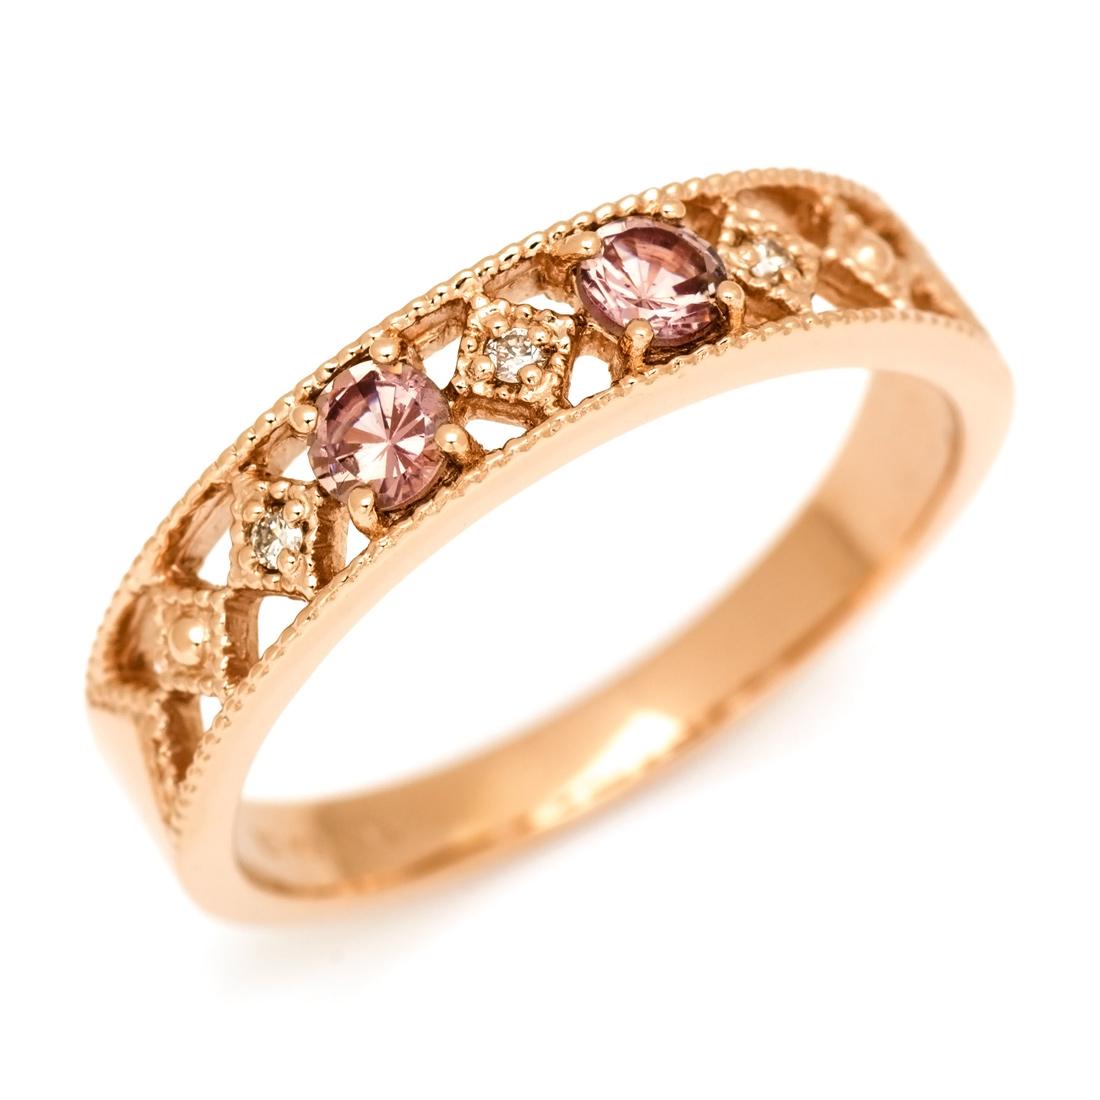 シャンパンガーネット 「blonda」 贈り物 リング 1月誕生石 ダイヤモンド 【ポイント2倍中】K18 メッセージ 誕生日 ピンキーリング対応可能 指輪 18金 母の日 ゴールド 文字入れ 18K ミル打ち ダイアモンド 刻印 ギフト